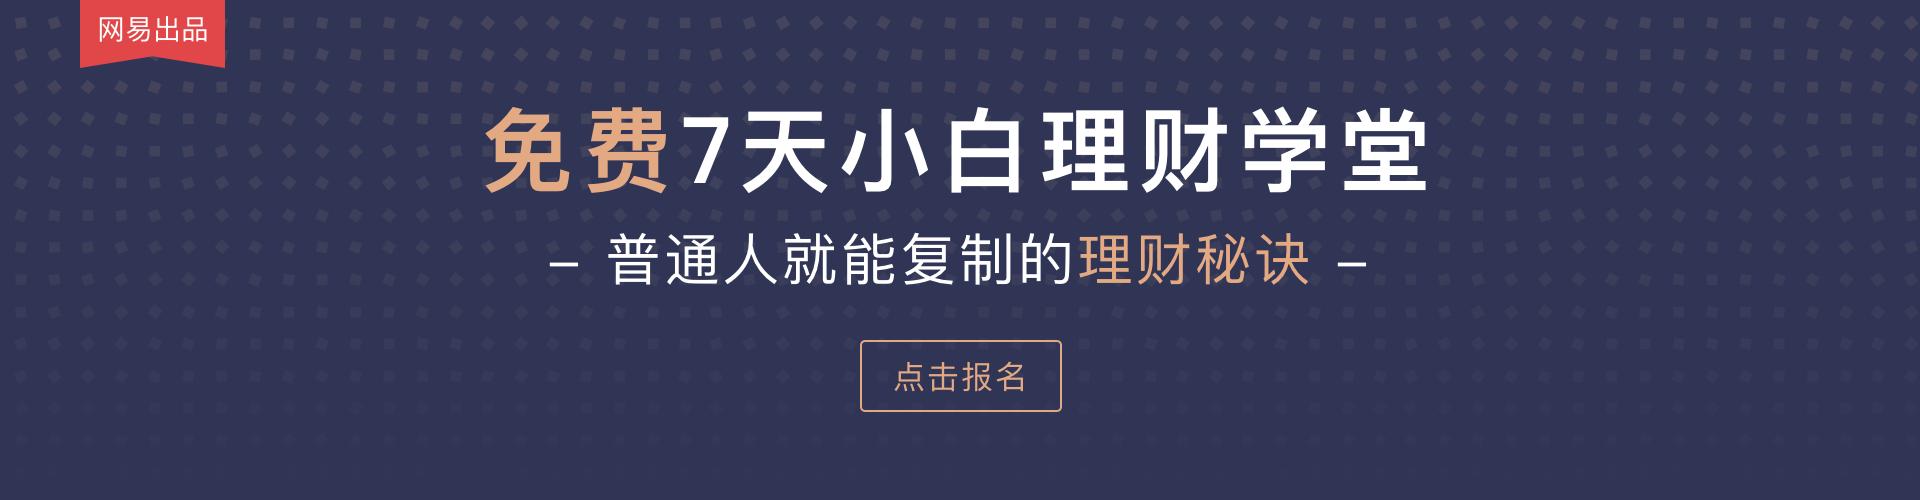 【免费】网易官方7天理财训练营